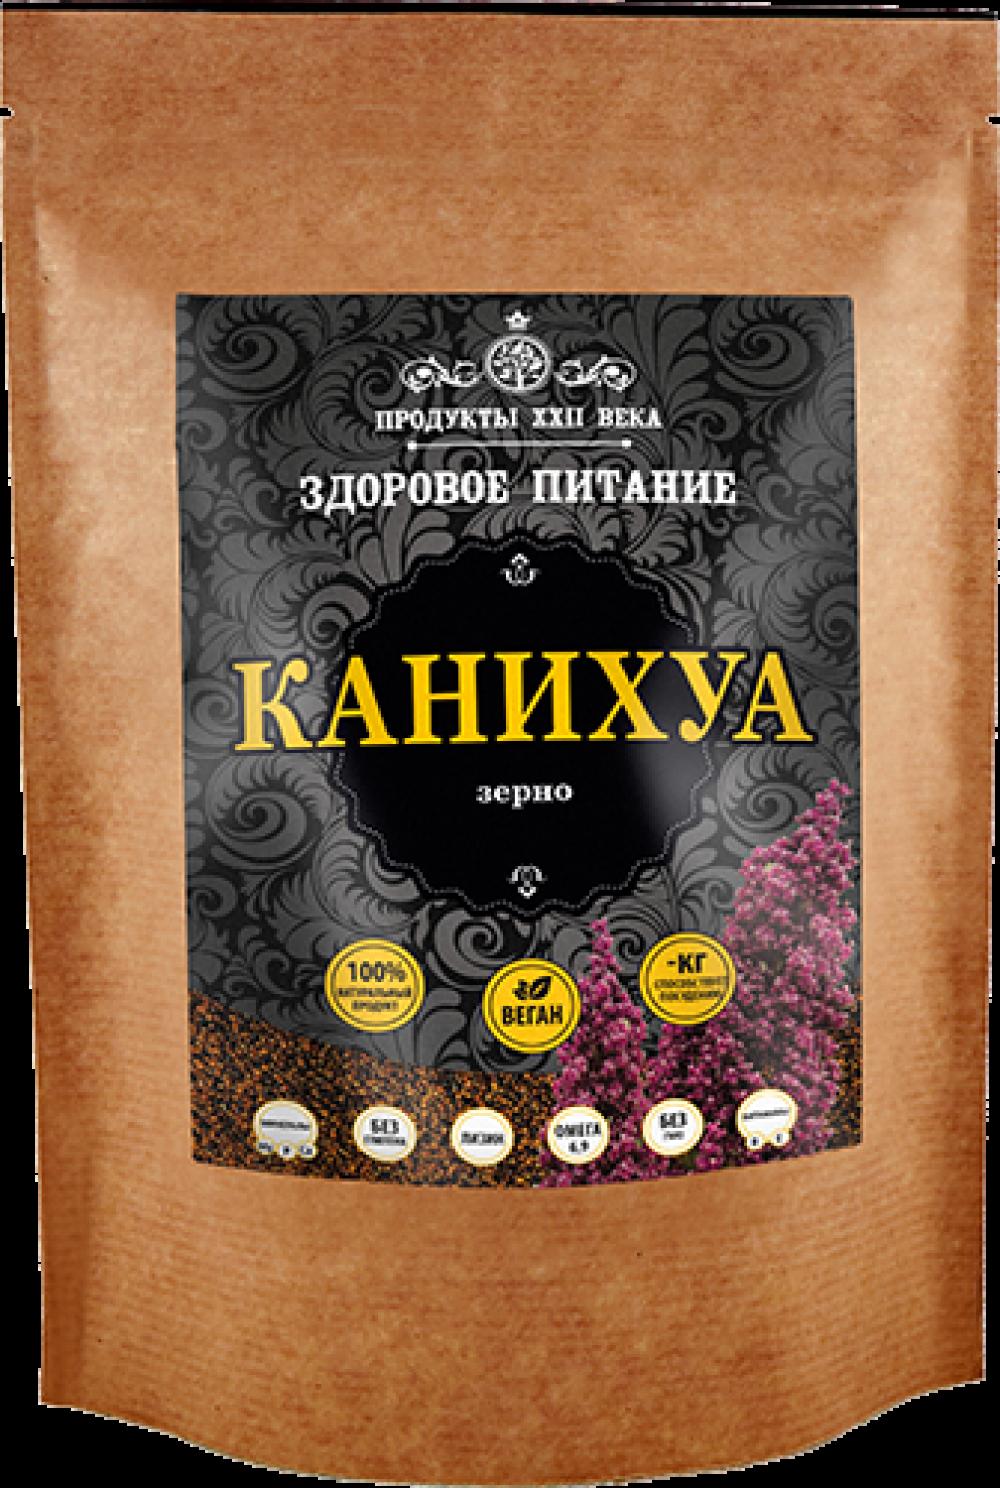 Канихуа Премиум, зерно, Продукты XXII века